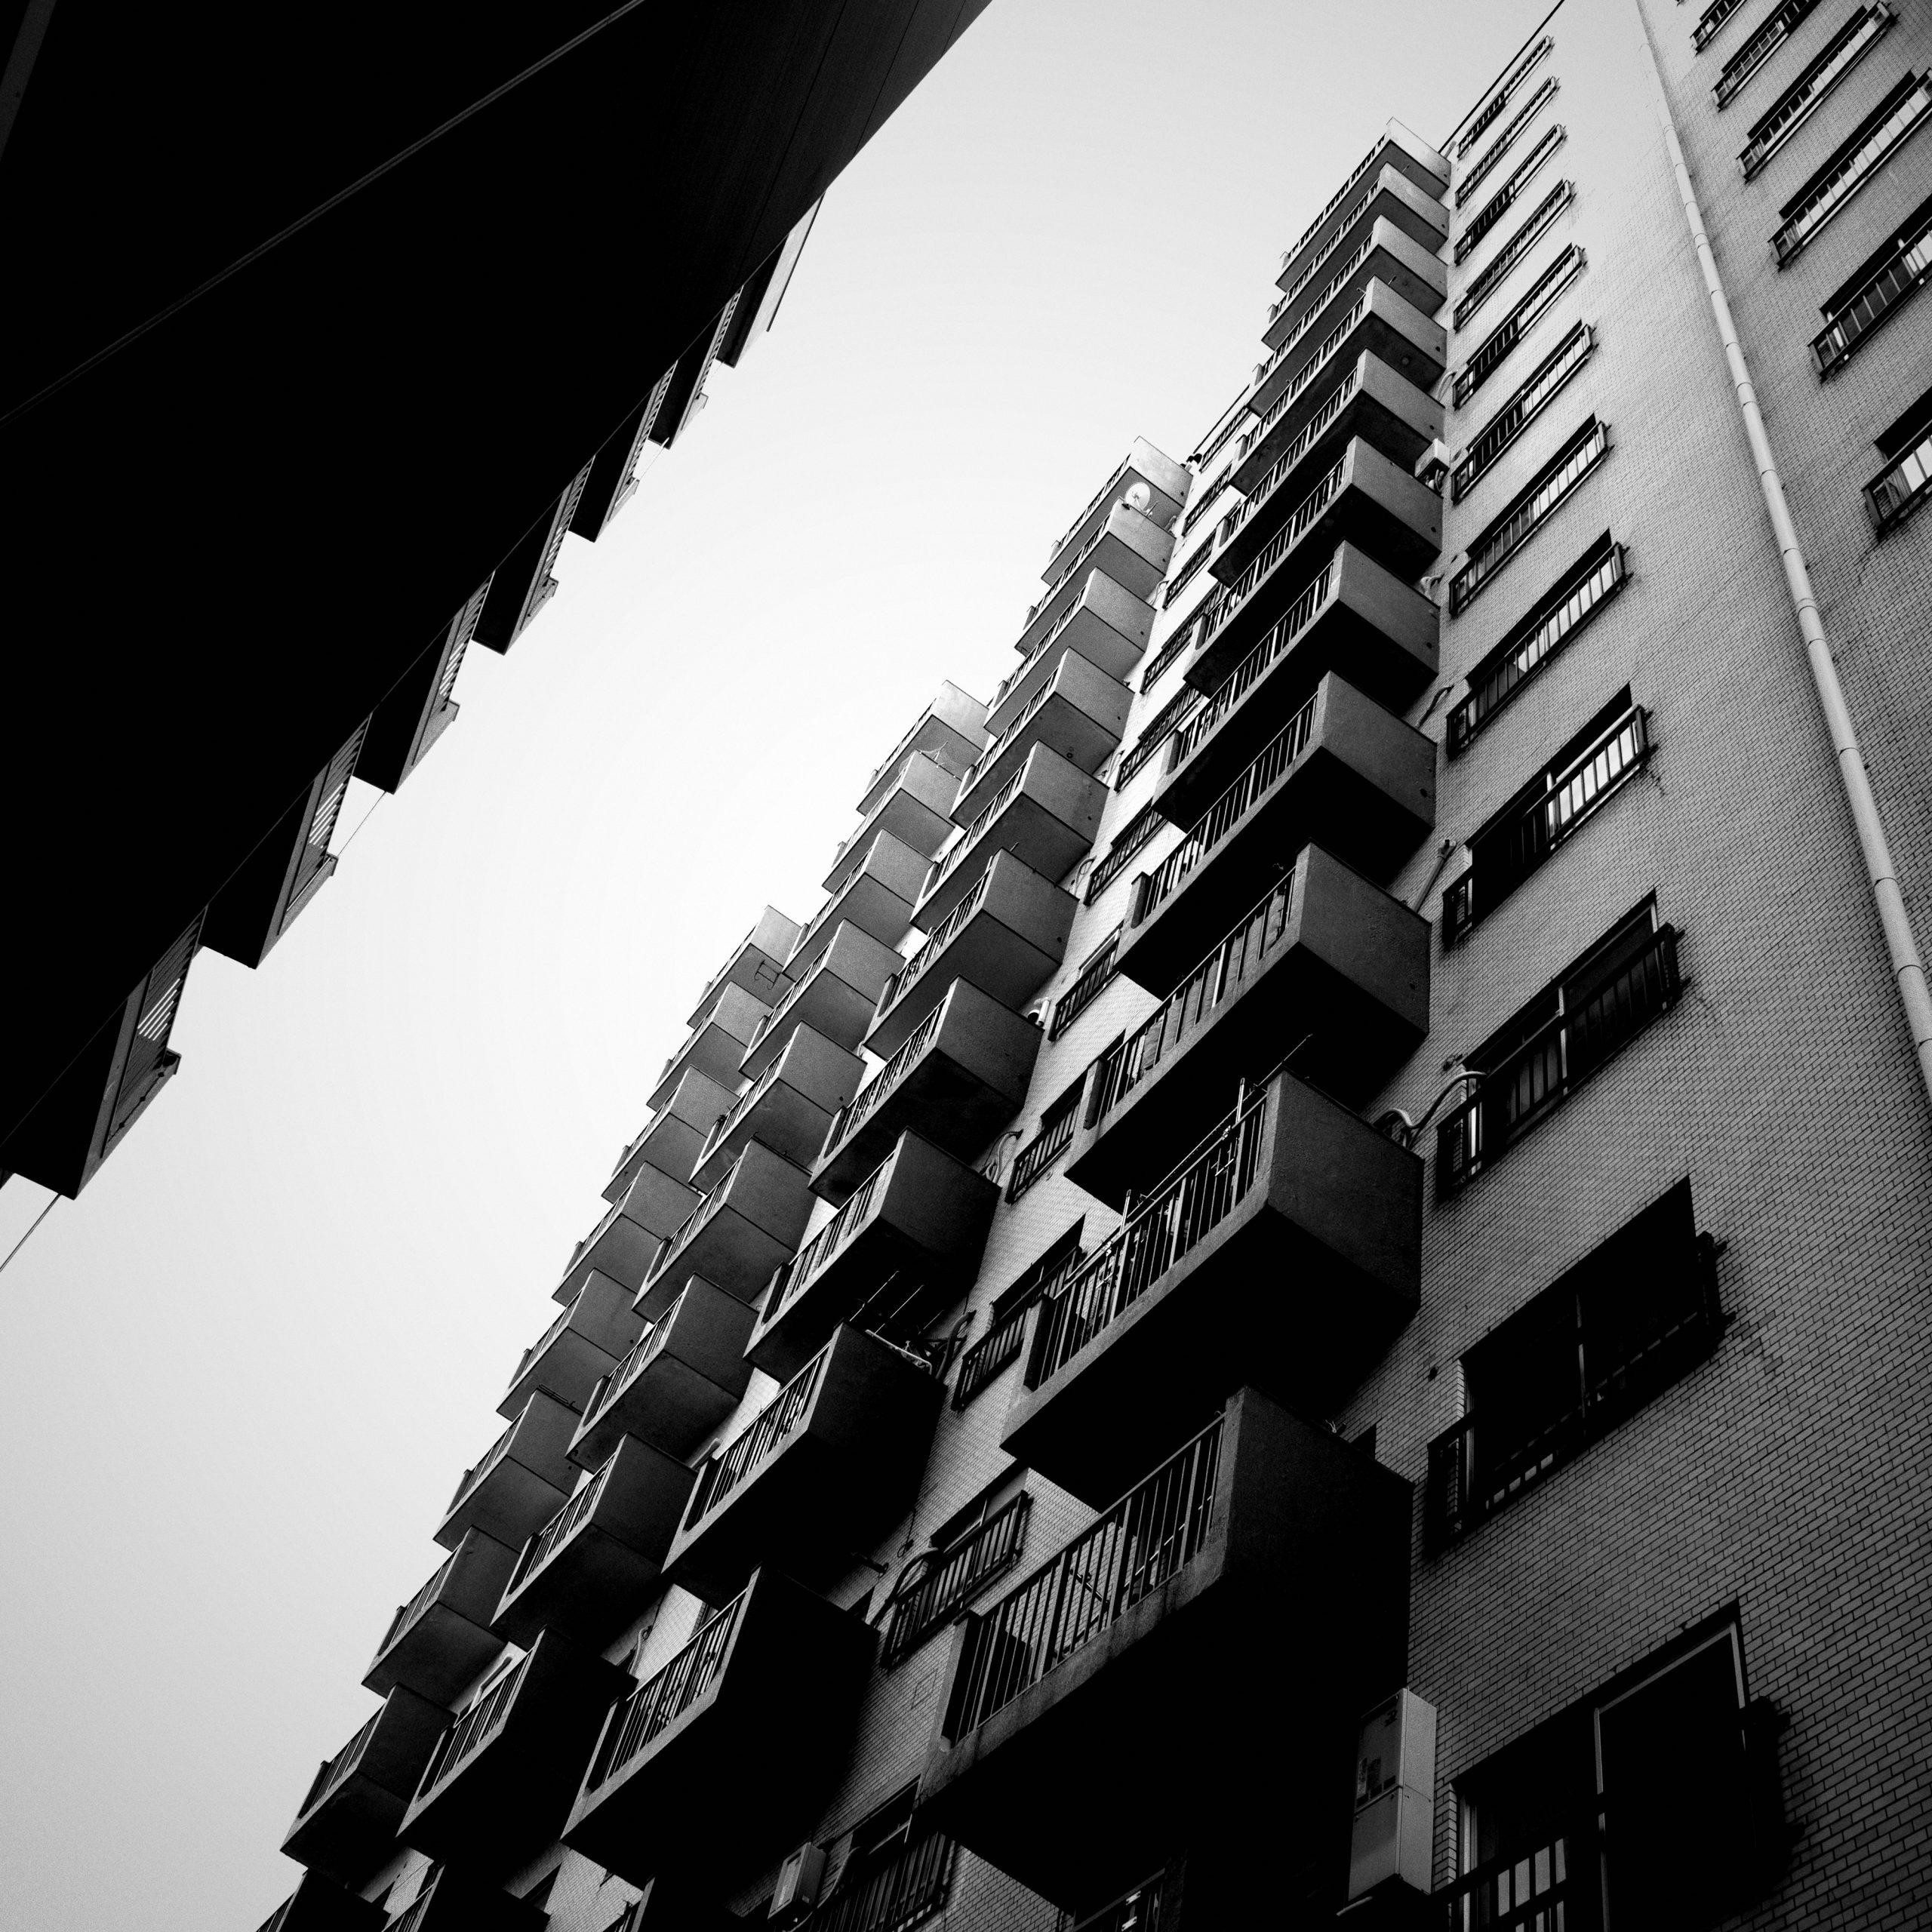 【RICOH】 Square & Monochrome by GRⅢ